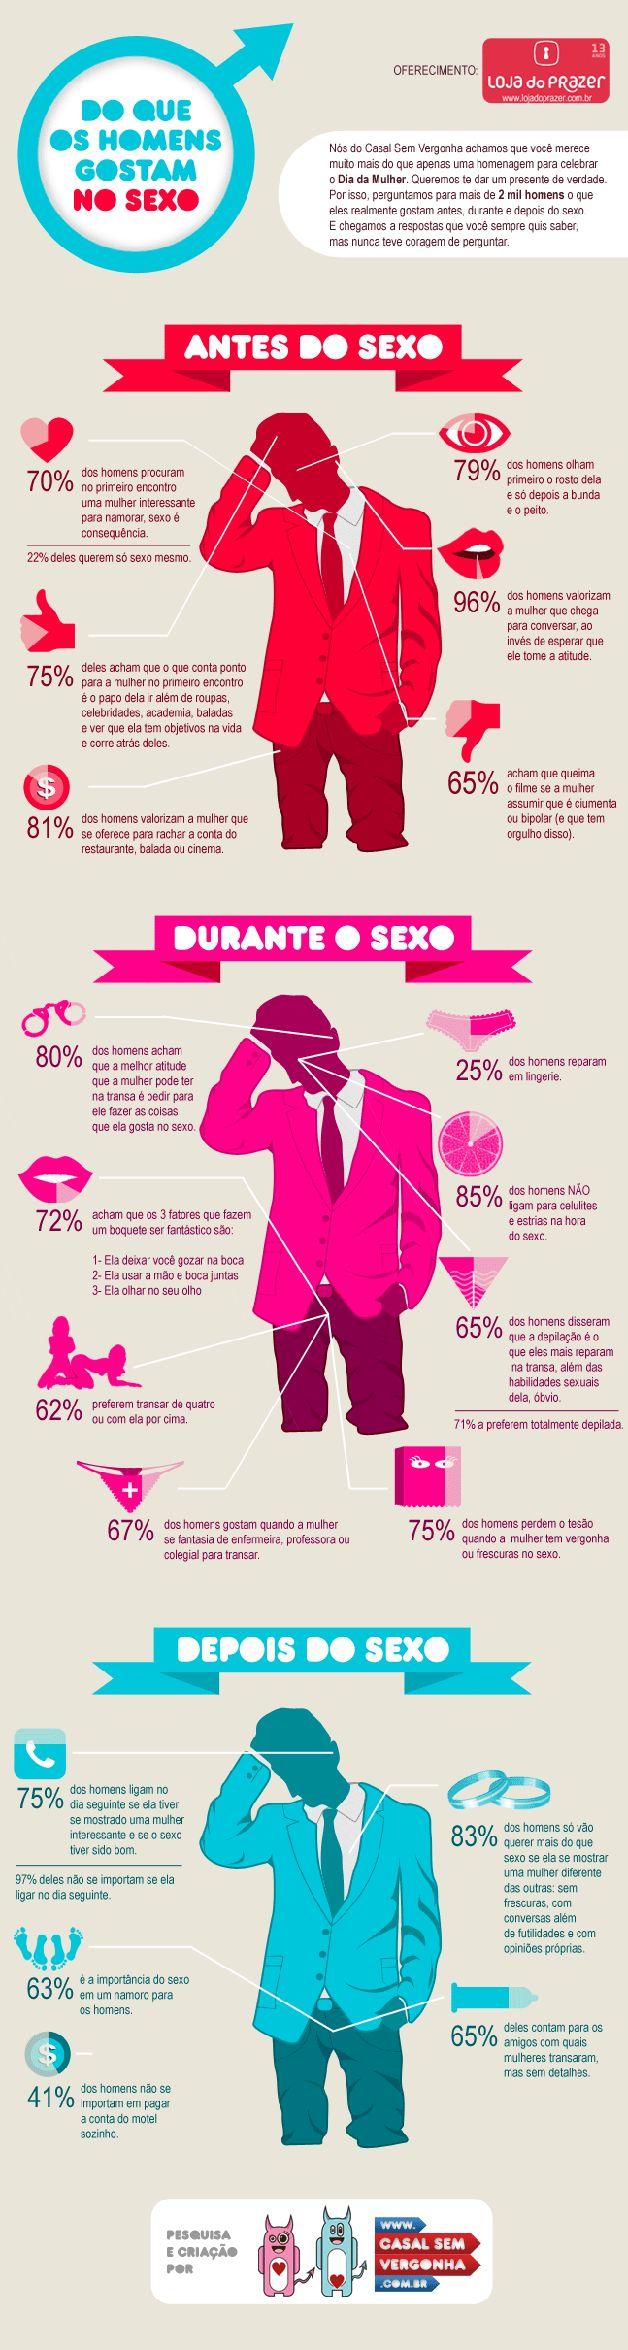 O que os homens gostam no sexo - Infográfico